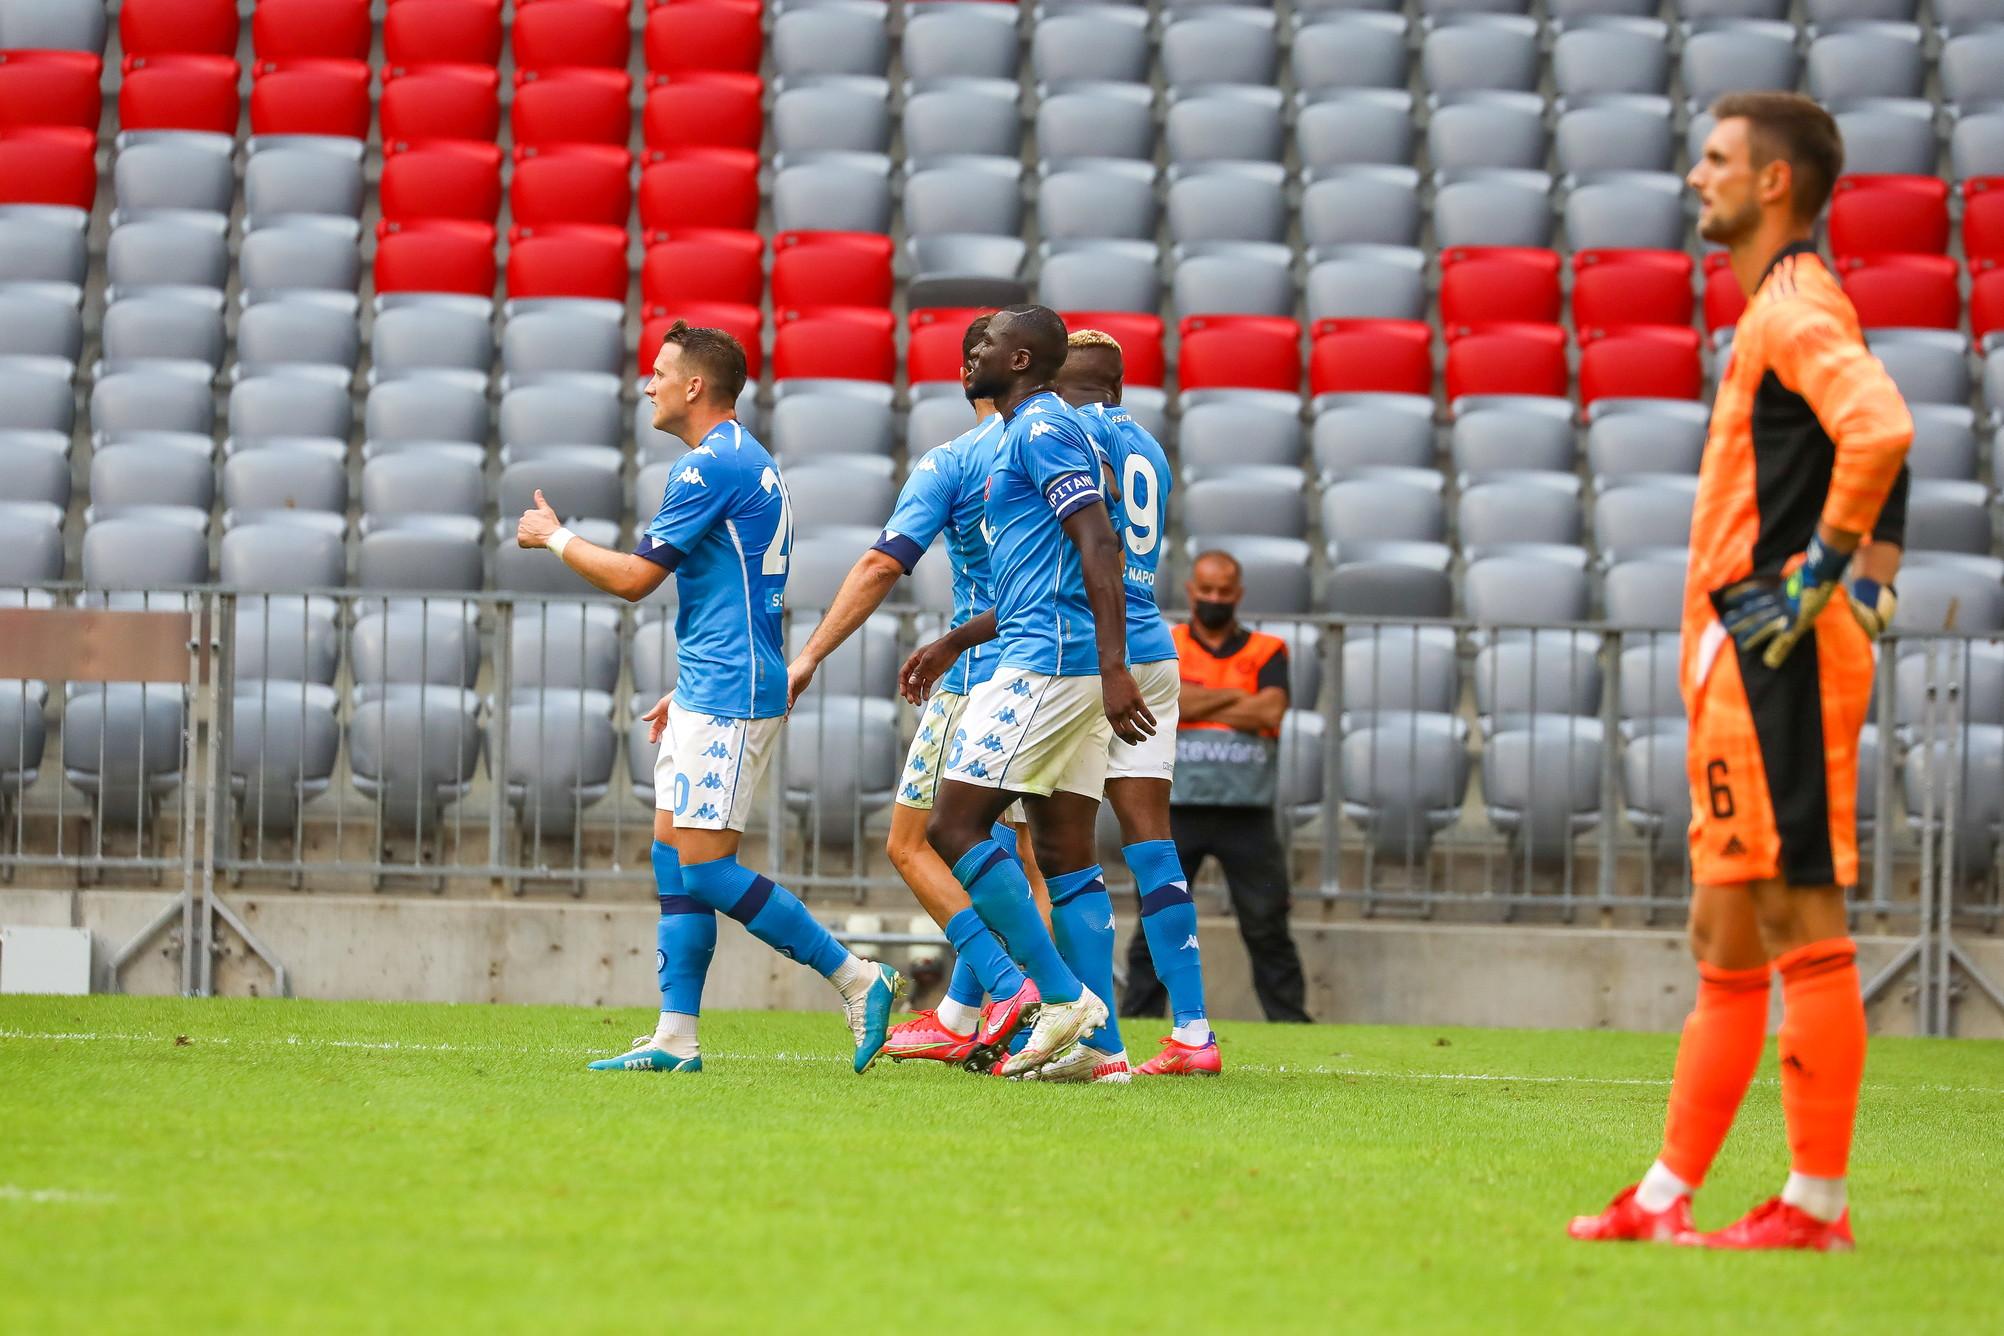 Vittoria di lusso per il Napoli nell&#39;amichevole estiva contro il nuovo Bayern Monaco di Nagelsmann. Gli azzurri di Spalletti, che ha schierato il suo solito 4-2-3-1 con Politano-Zielinski-Zedadka dietro Osimhen, si sono imposti 3-0 grazie alla doppietta del nigeriano&nbsp;e alla rete di Machach. Per Nagelsmann piccolo allarme in vista del primo impegno ufficiale in Coppa di Germania tra meno di una settimana: non ha ancora vinto una partita sulla panchina del Bayern, quattro sconfitte.<br /><br />